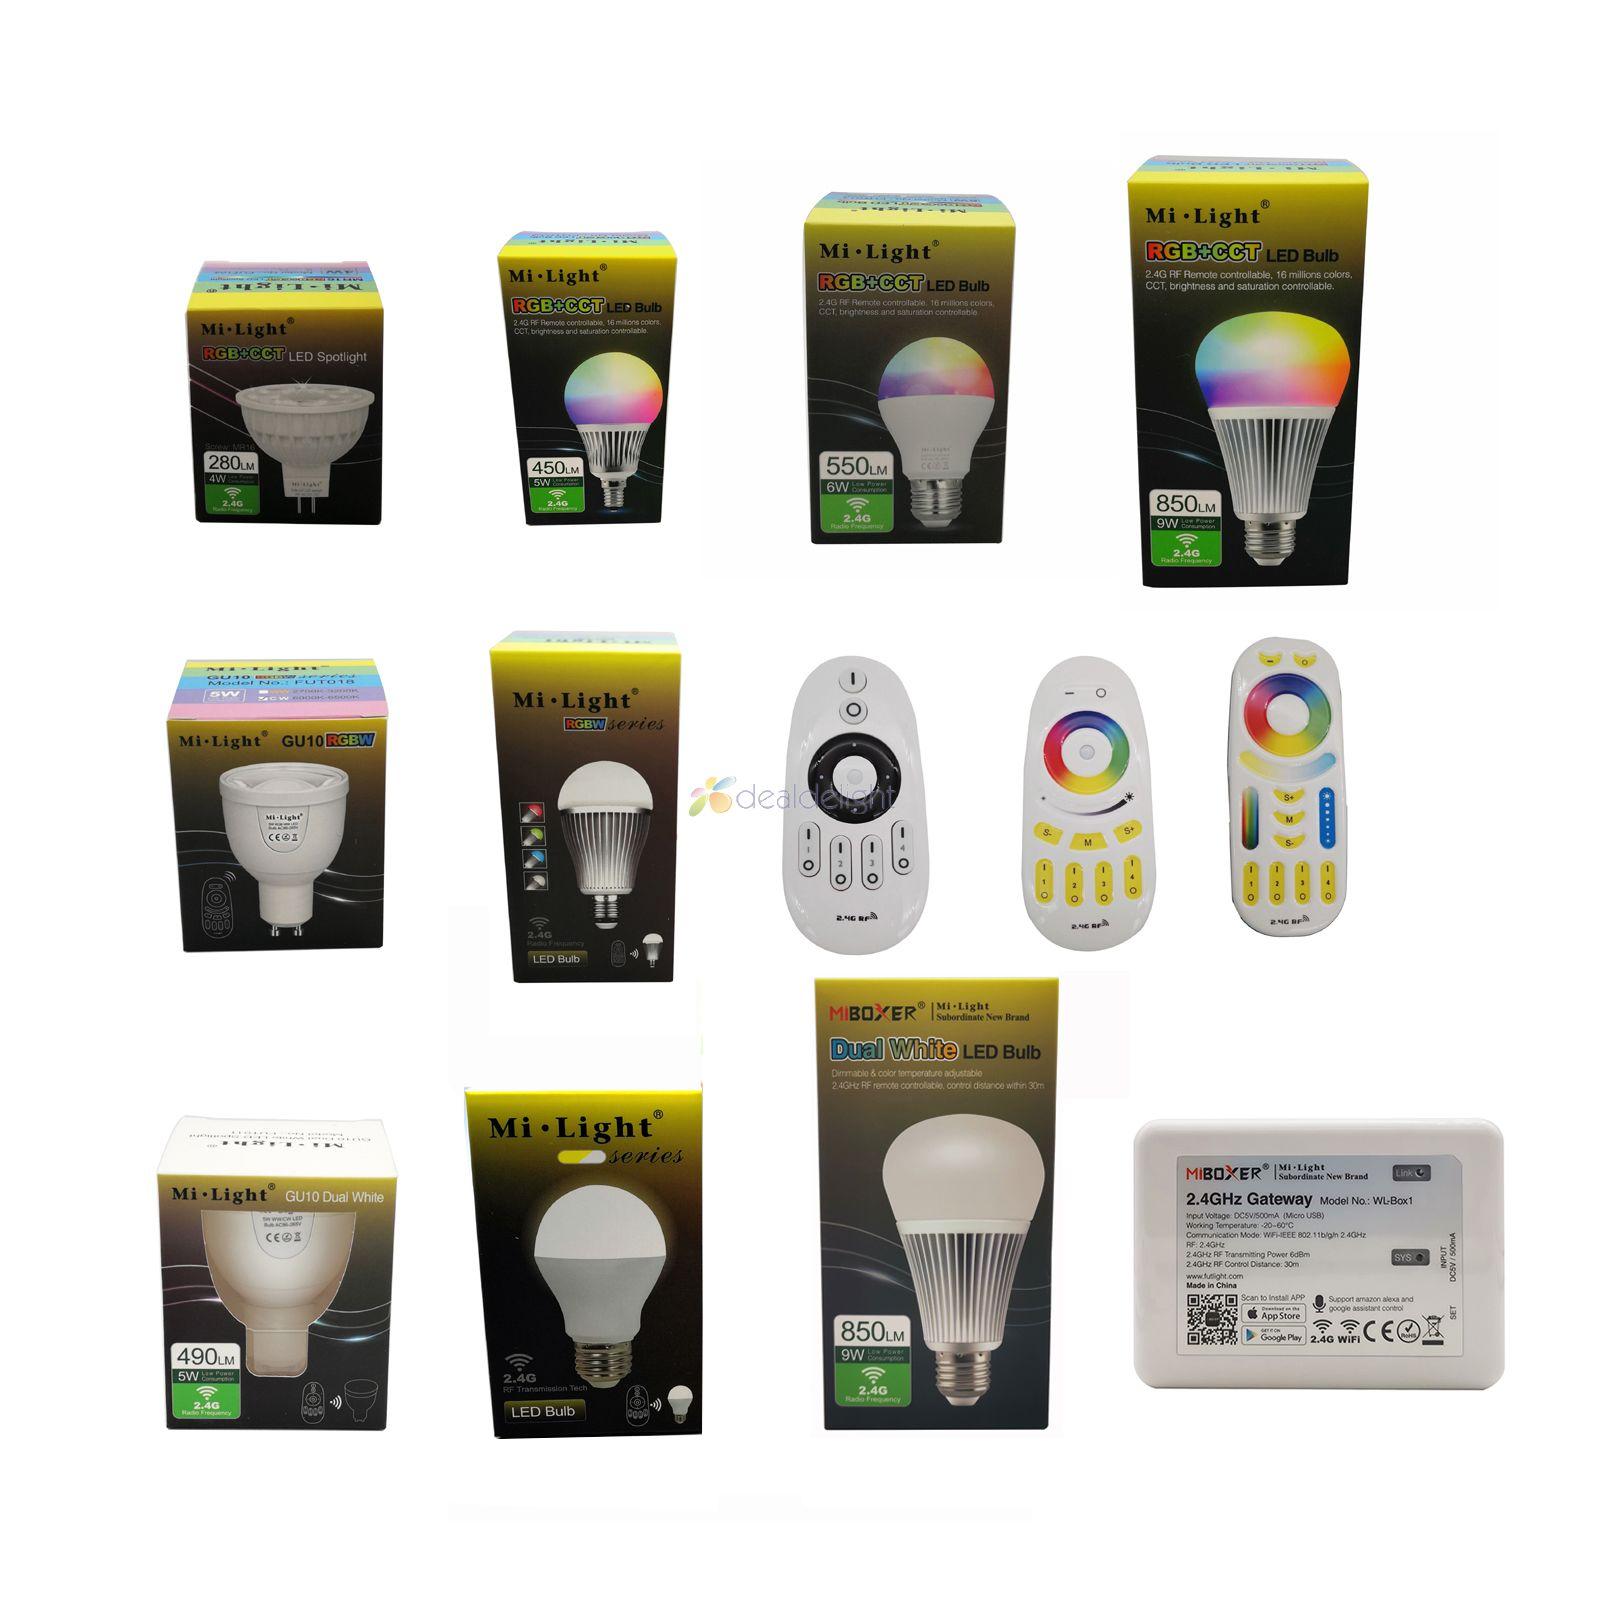 Mi. Светильник 2,4 г 4 Вт 5 Вт 6 Вт 9 Вт 12 Вт Светодиодная лампа, MR16 GU10 E14 E27 Светодиодная лампа Smart Беспроводной CCT RGBW RGBWW RGB + CCT светодиодный светильн...